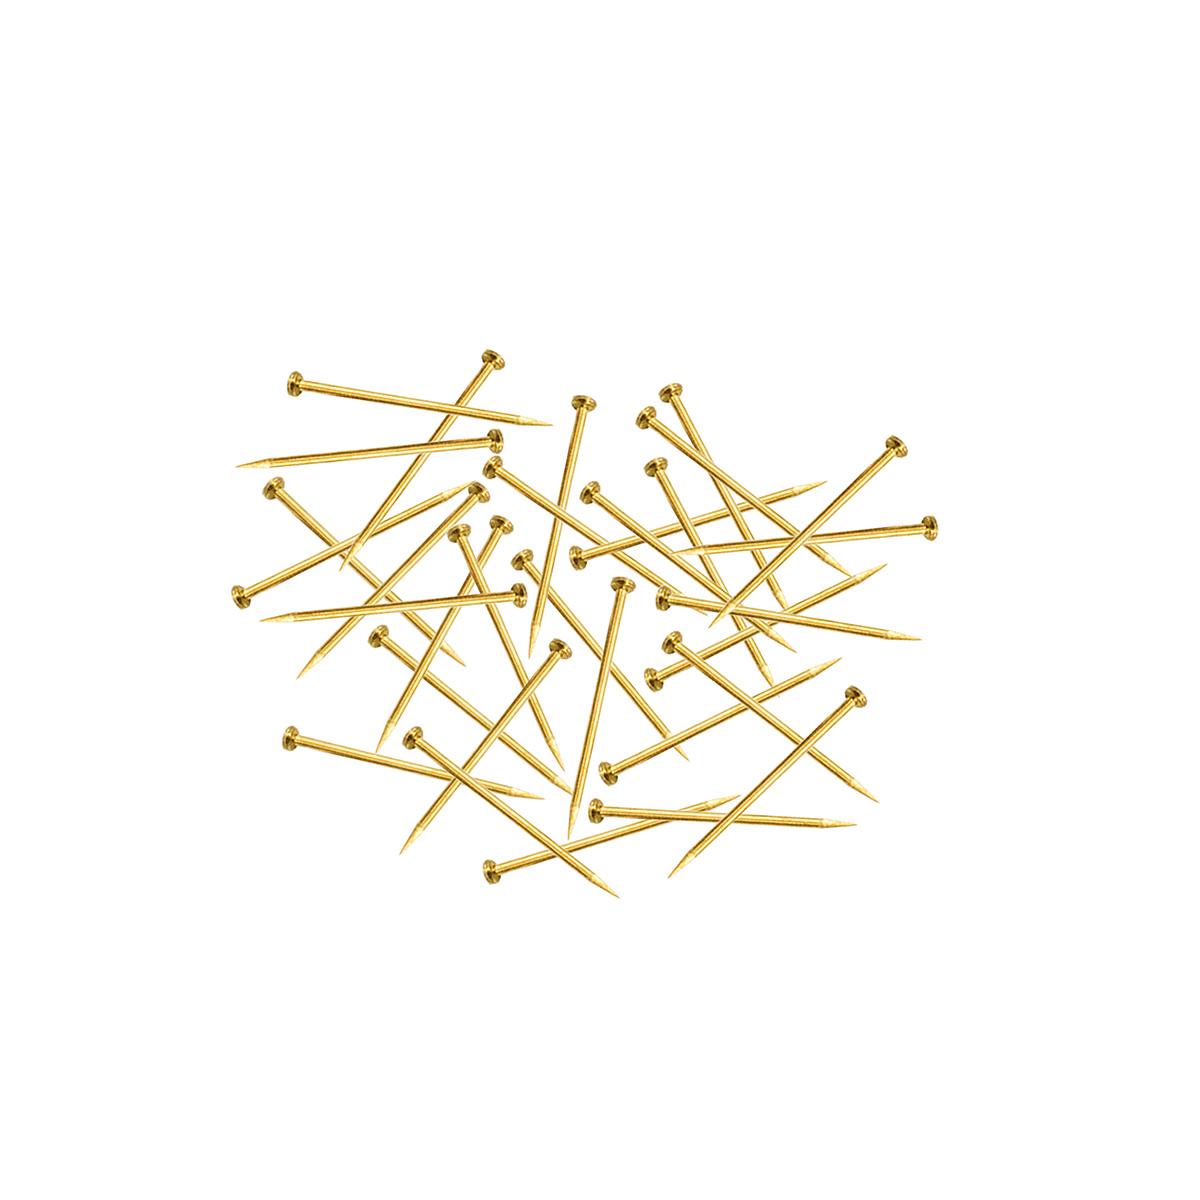 52901 Булавки-гвоздики наметочные 0,65мм/16мм, латунь, 35г PONY